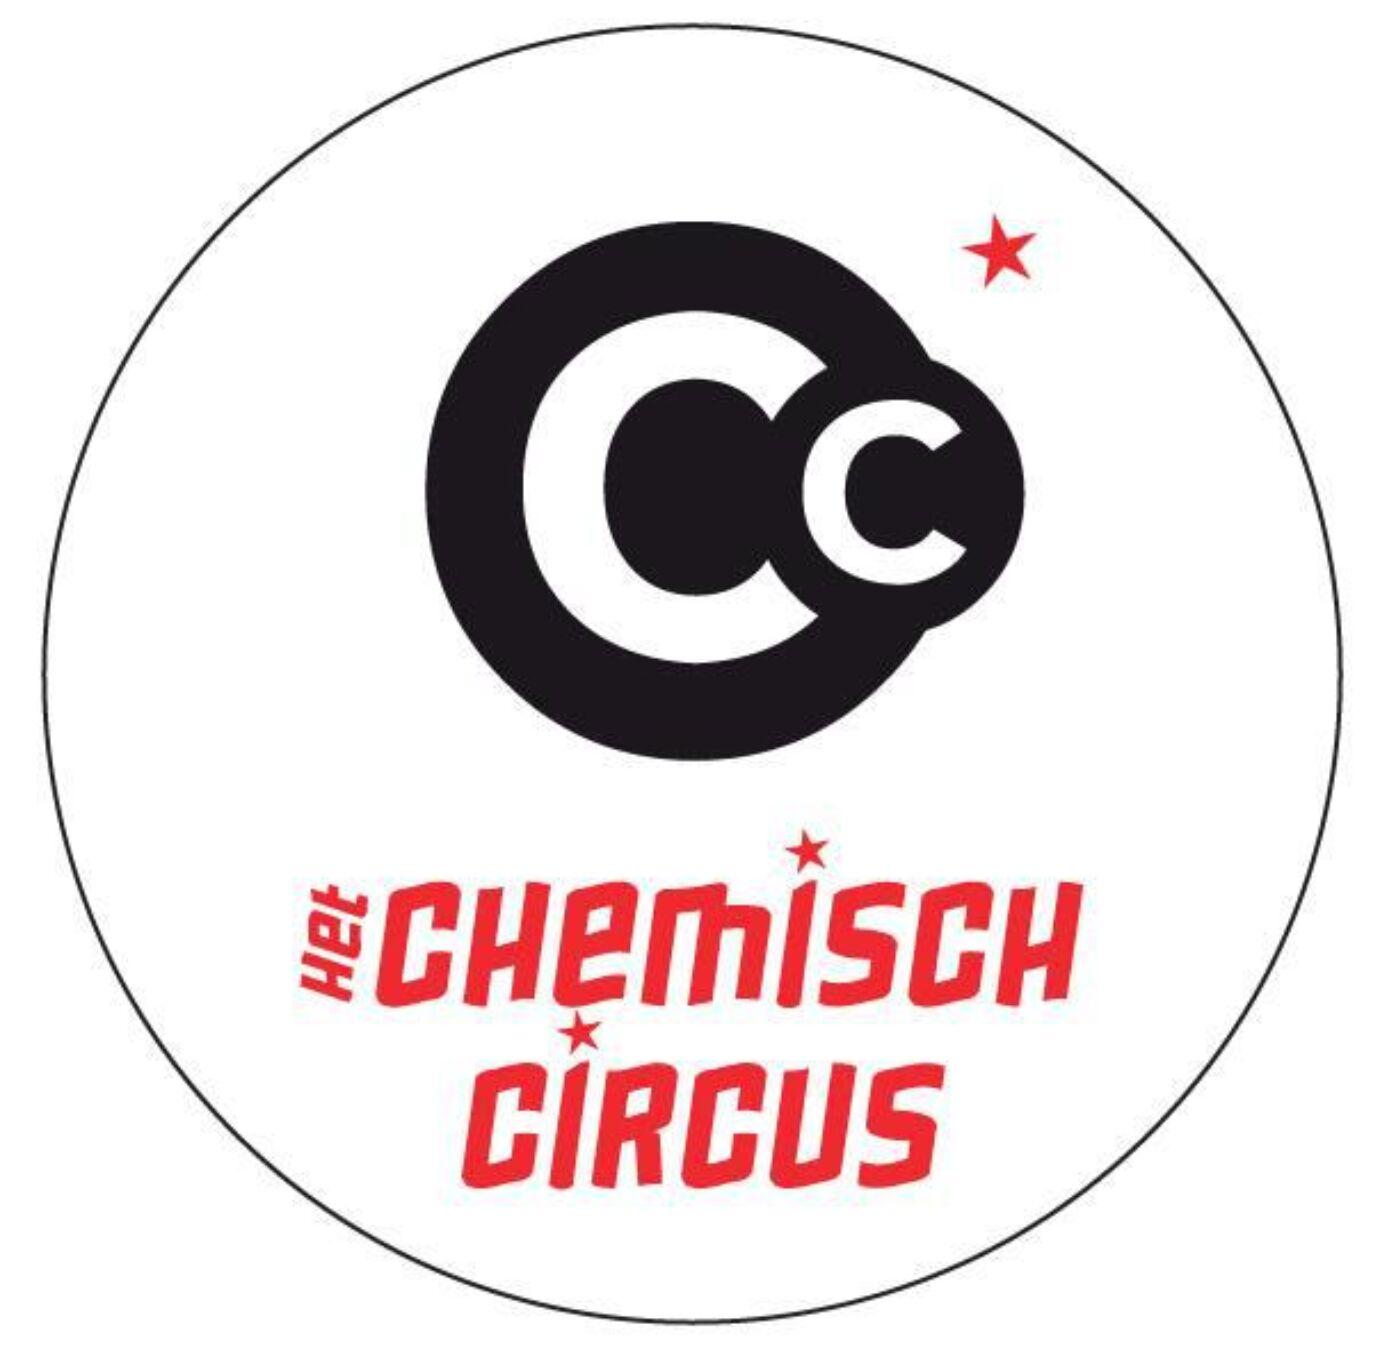 Chemisch cirkus